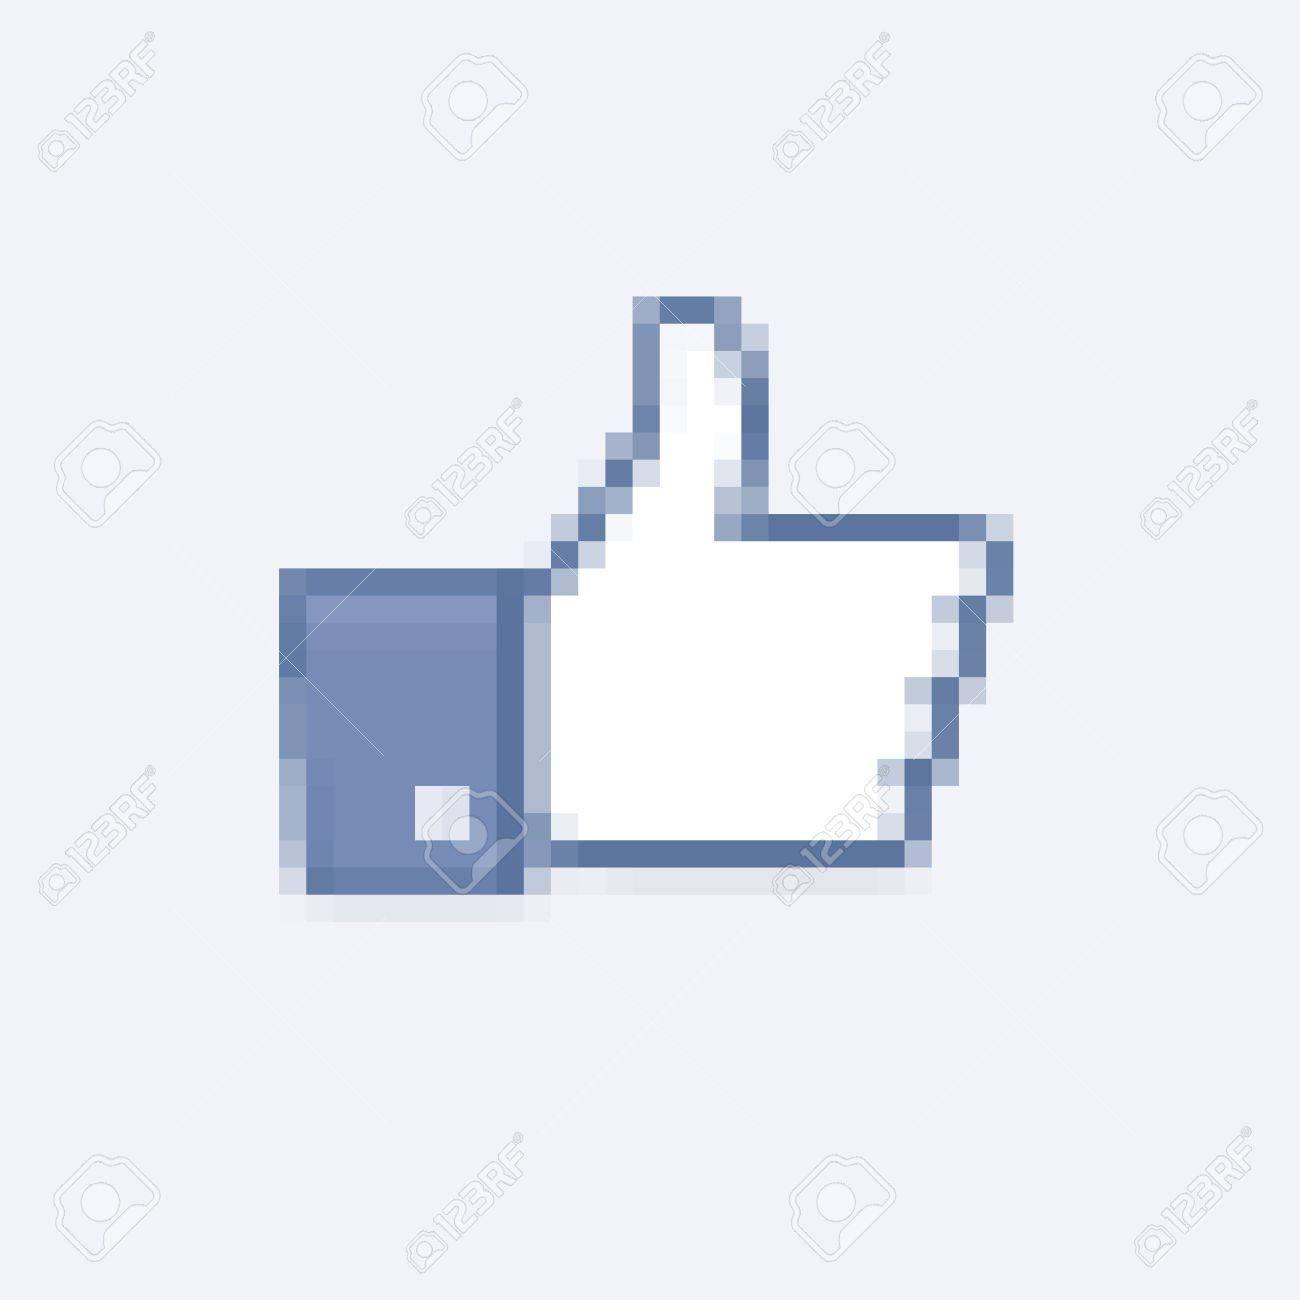 Thumb Up pixels Stock Vector - 15539184